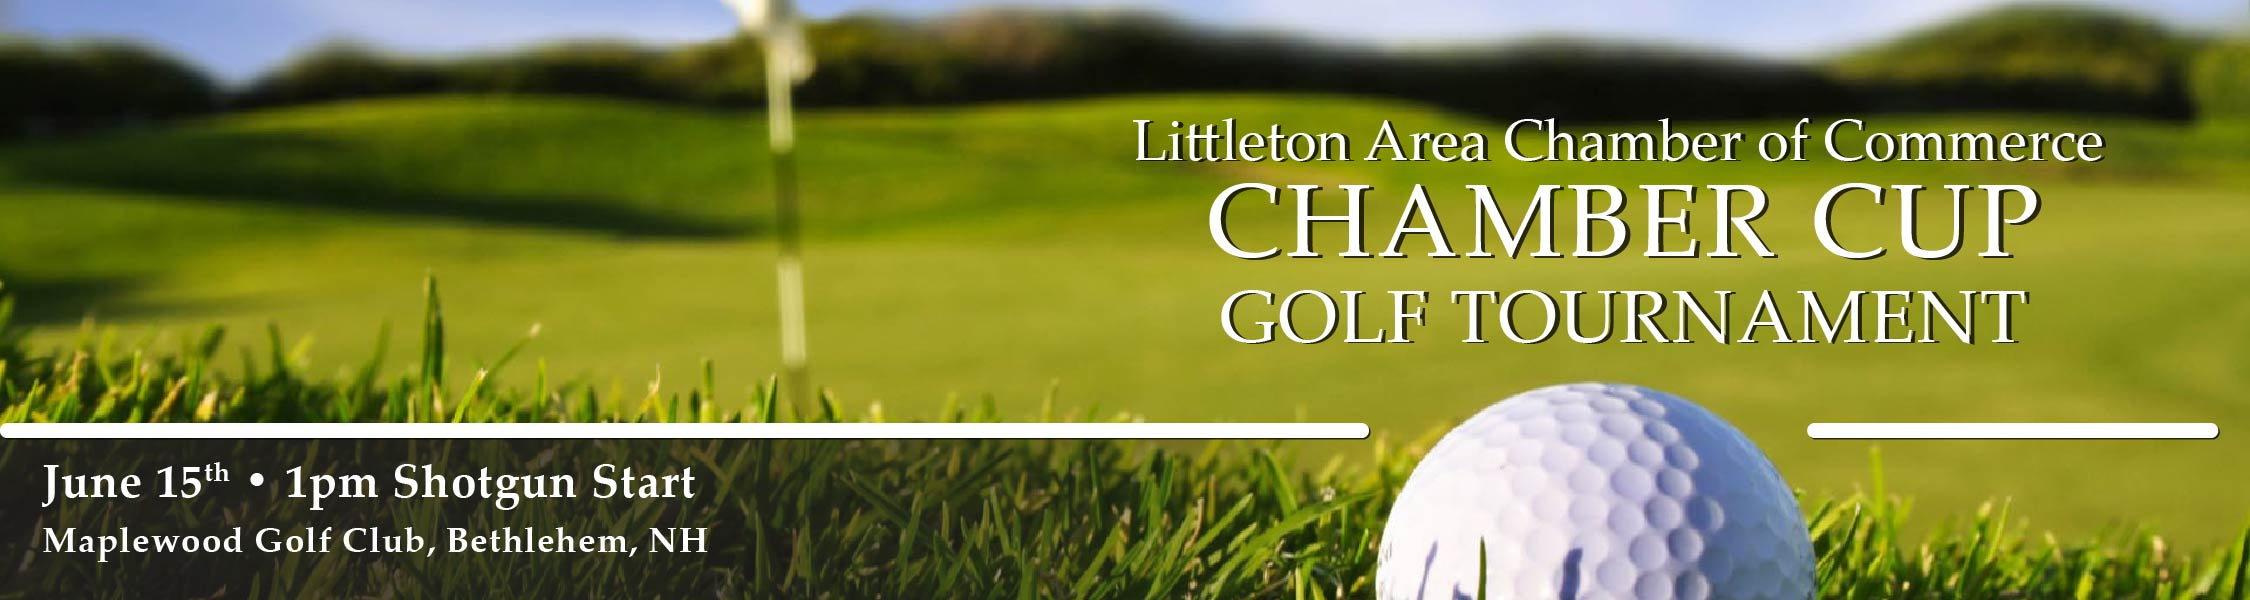 golf tournament littleton area chamber of commerce